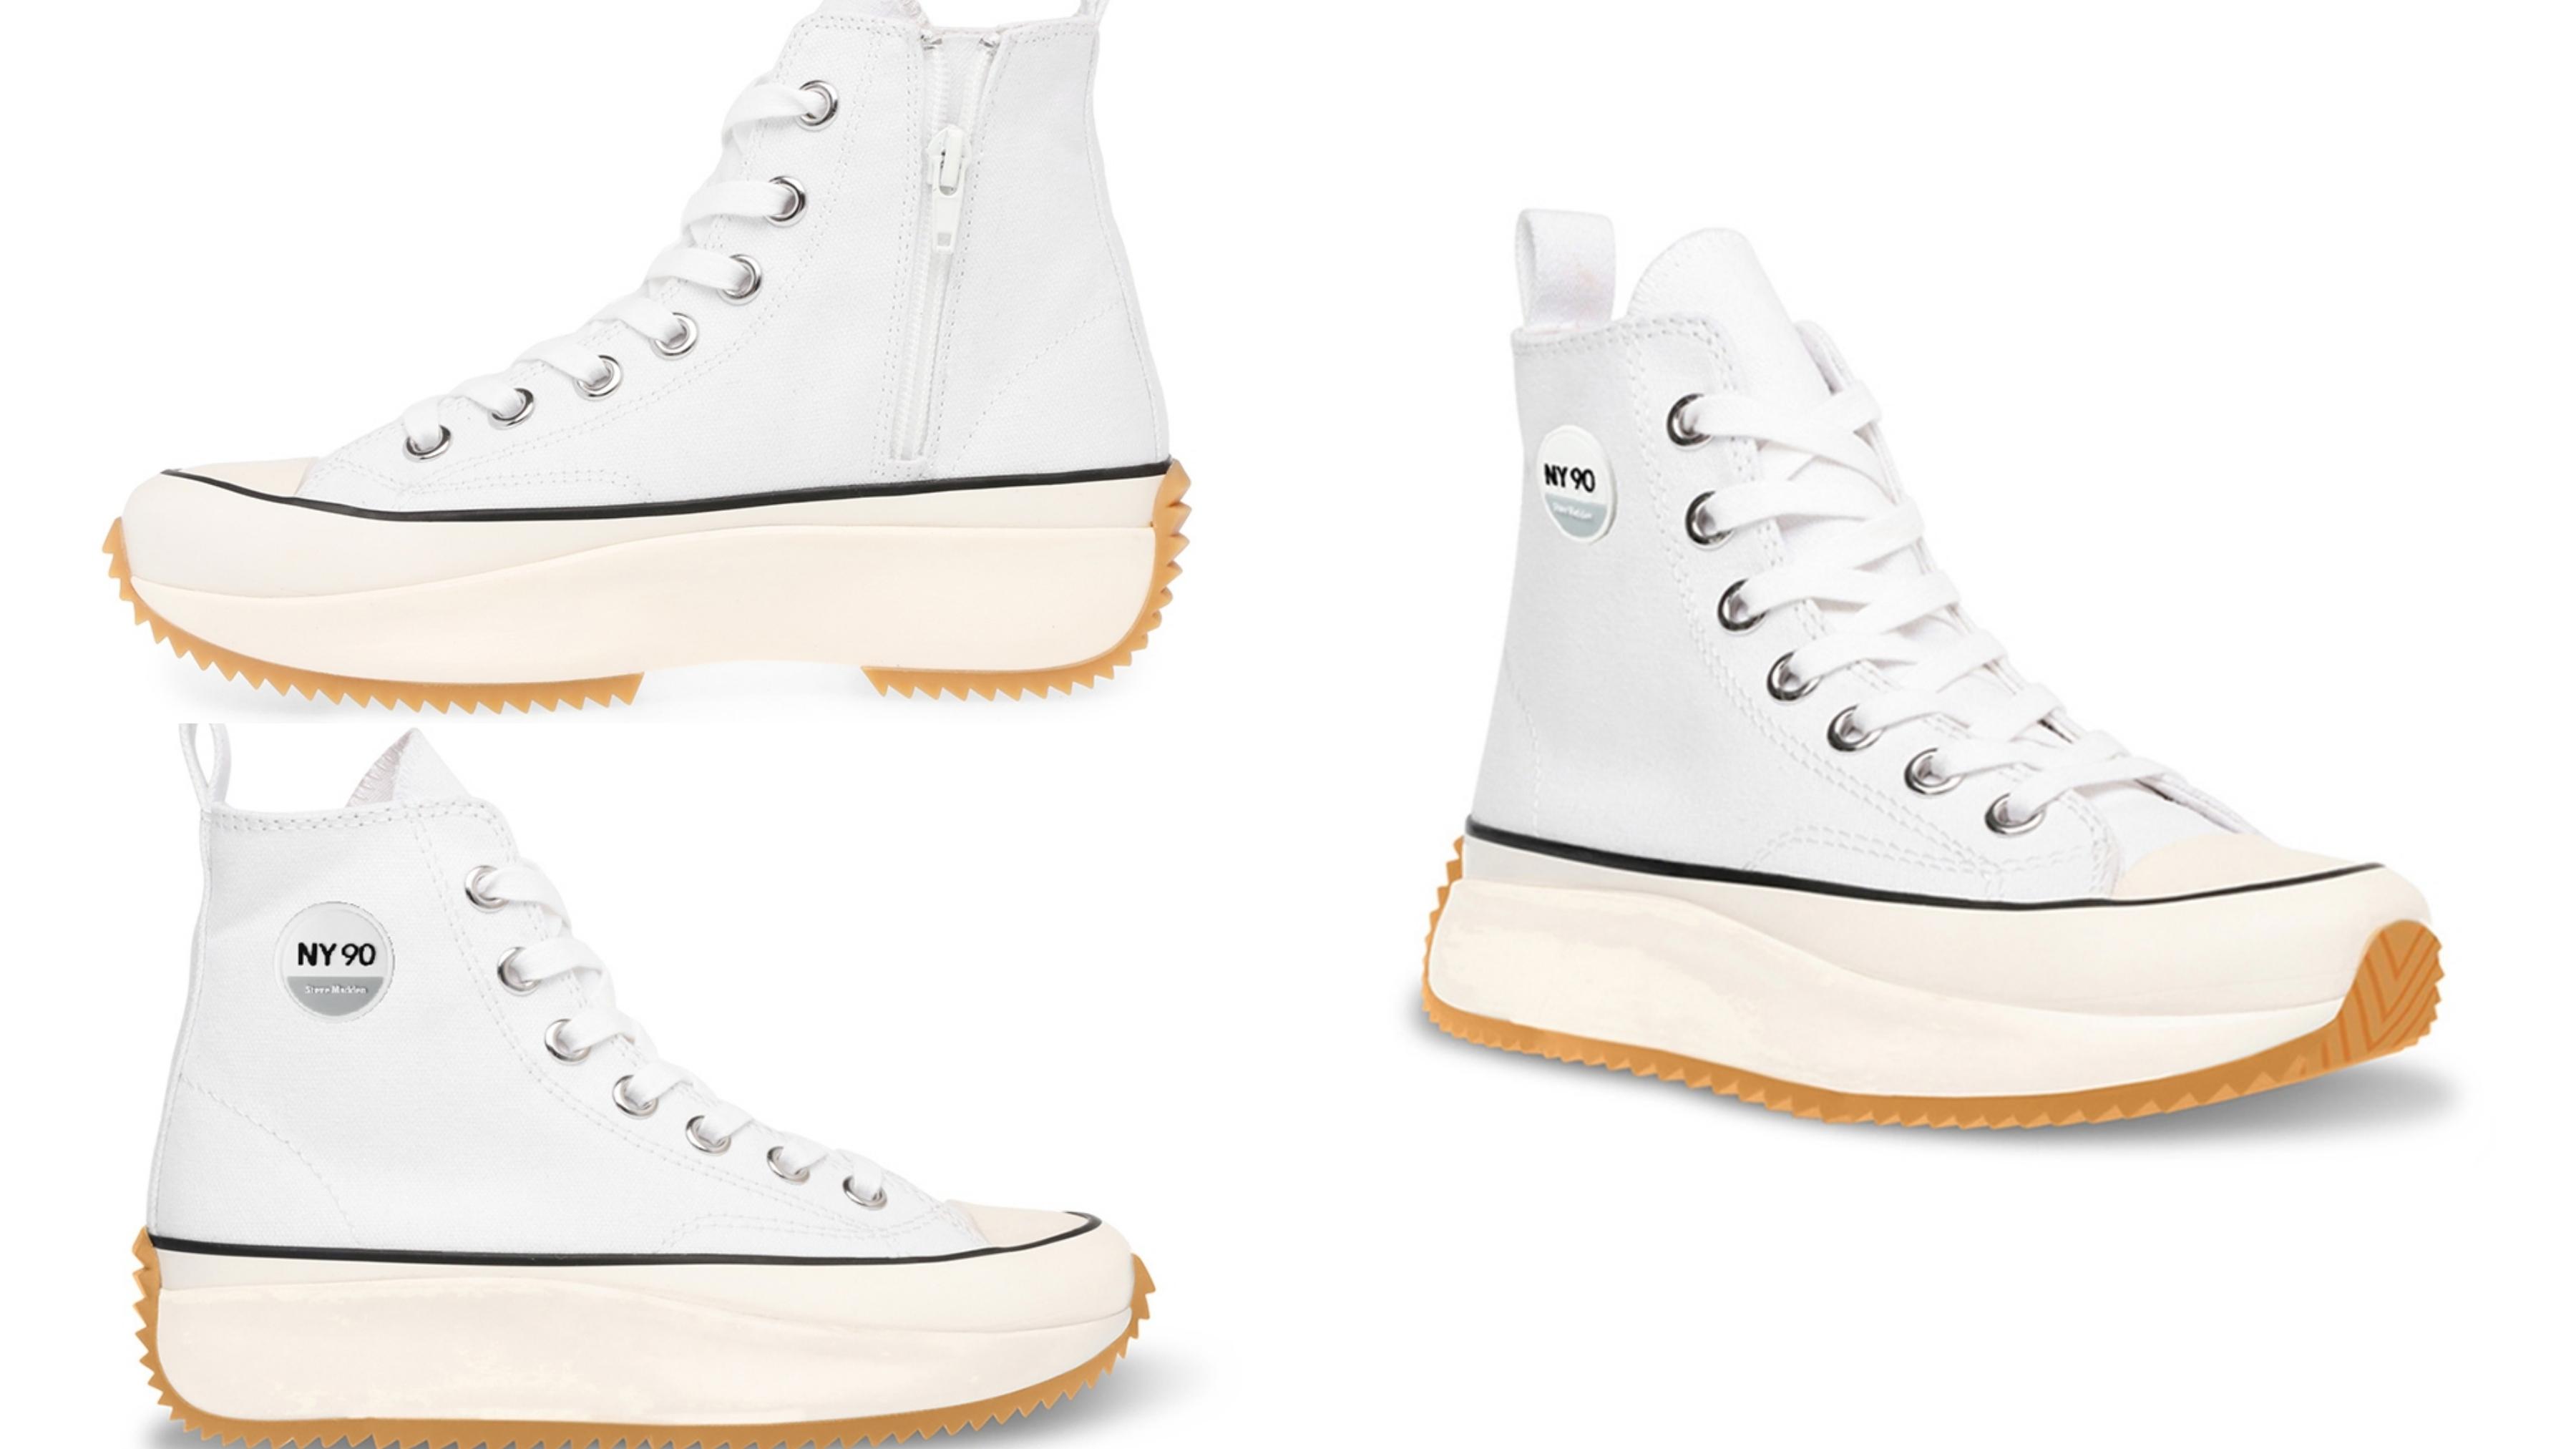 經典熱銷款帆布鞋,歐美女星與潮流部落客必備鞋款。